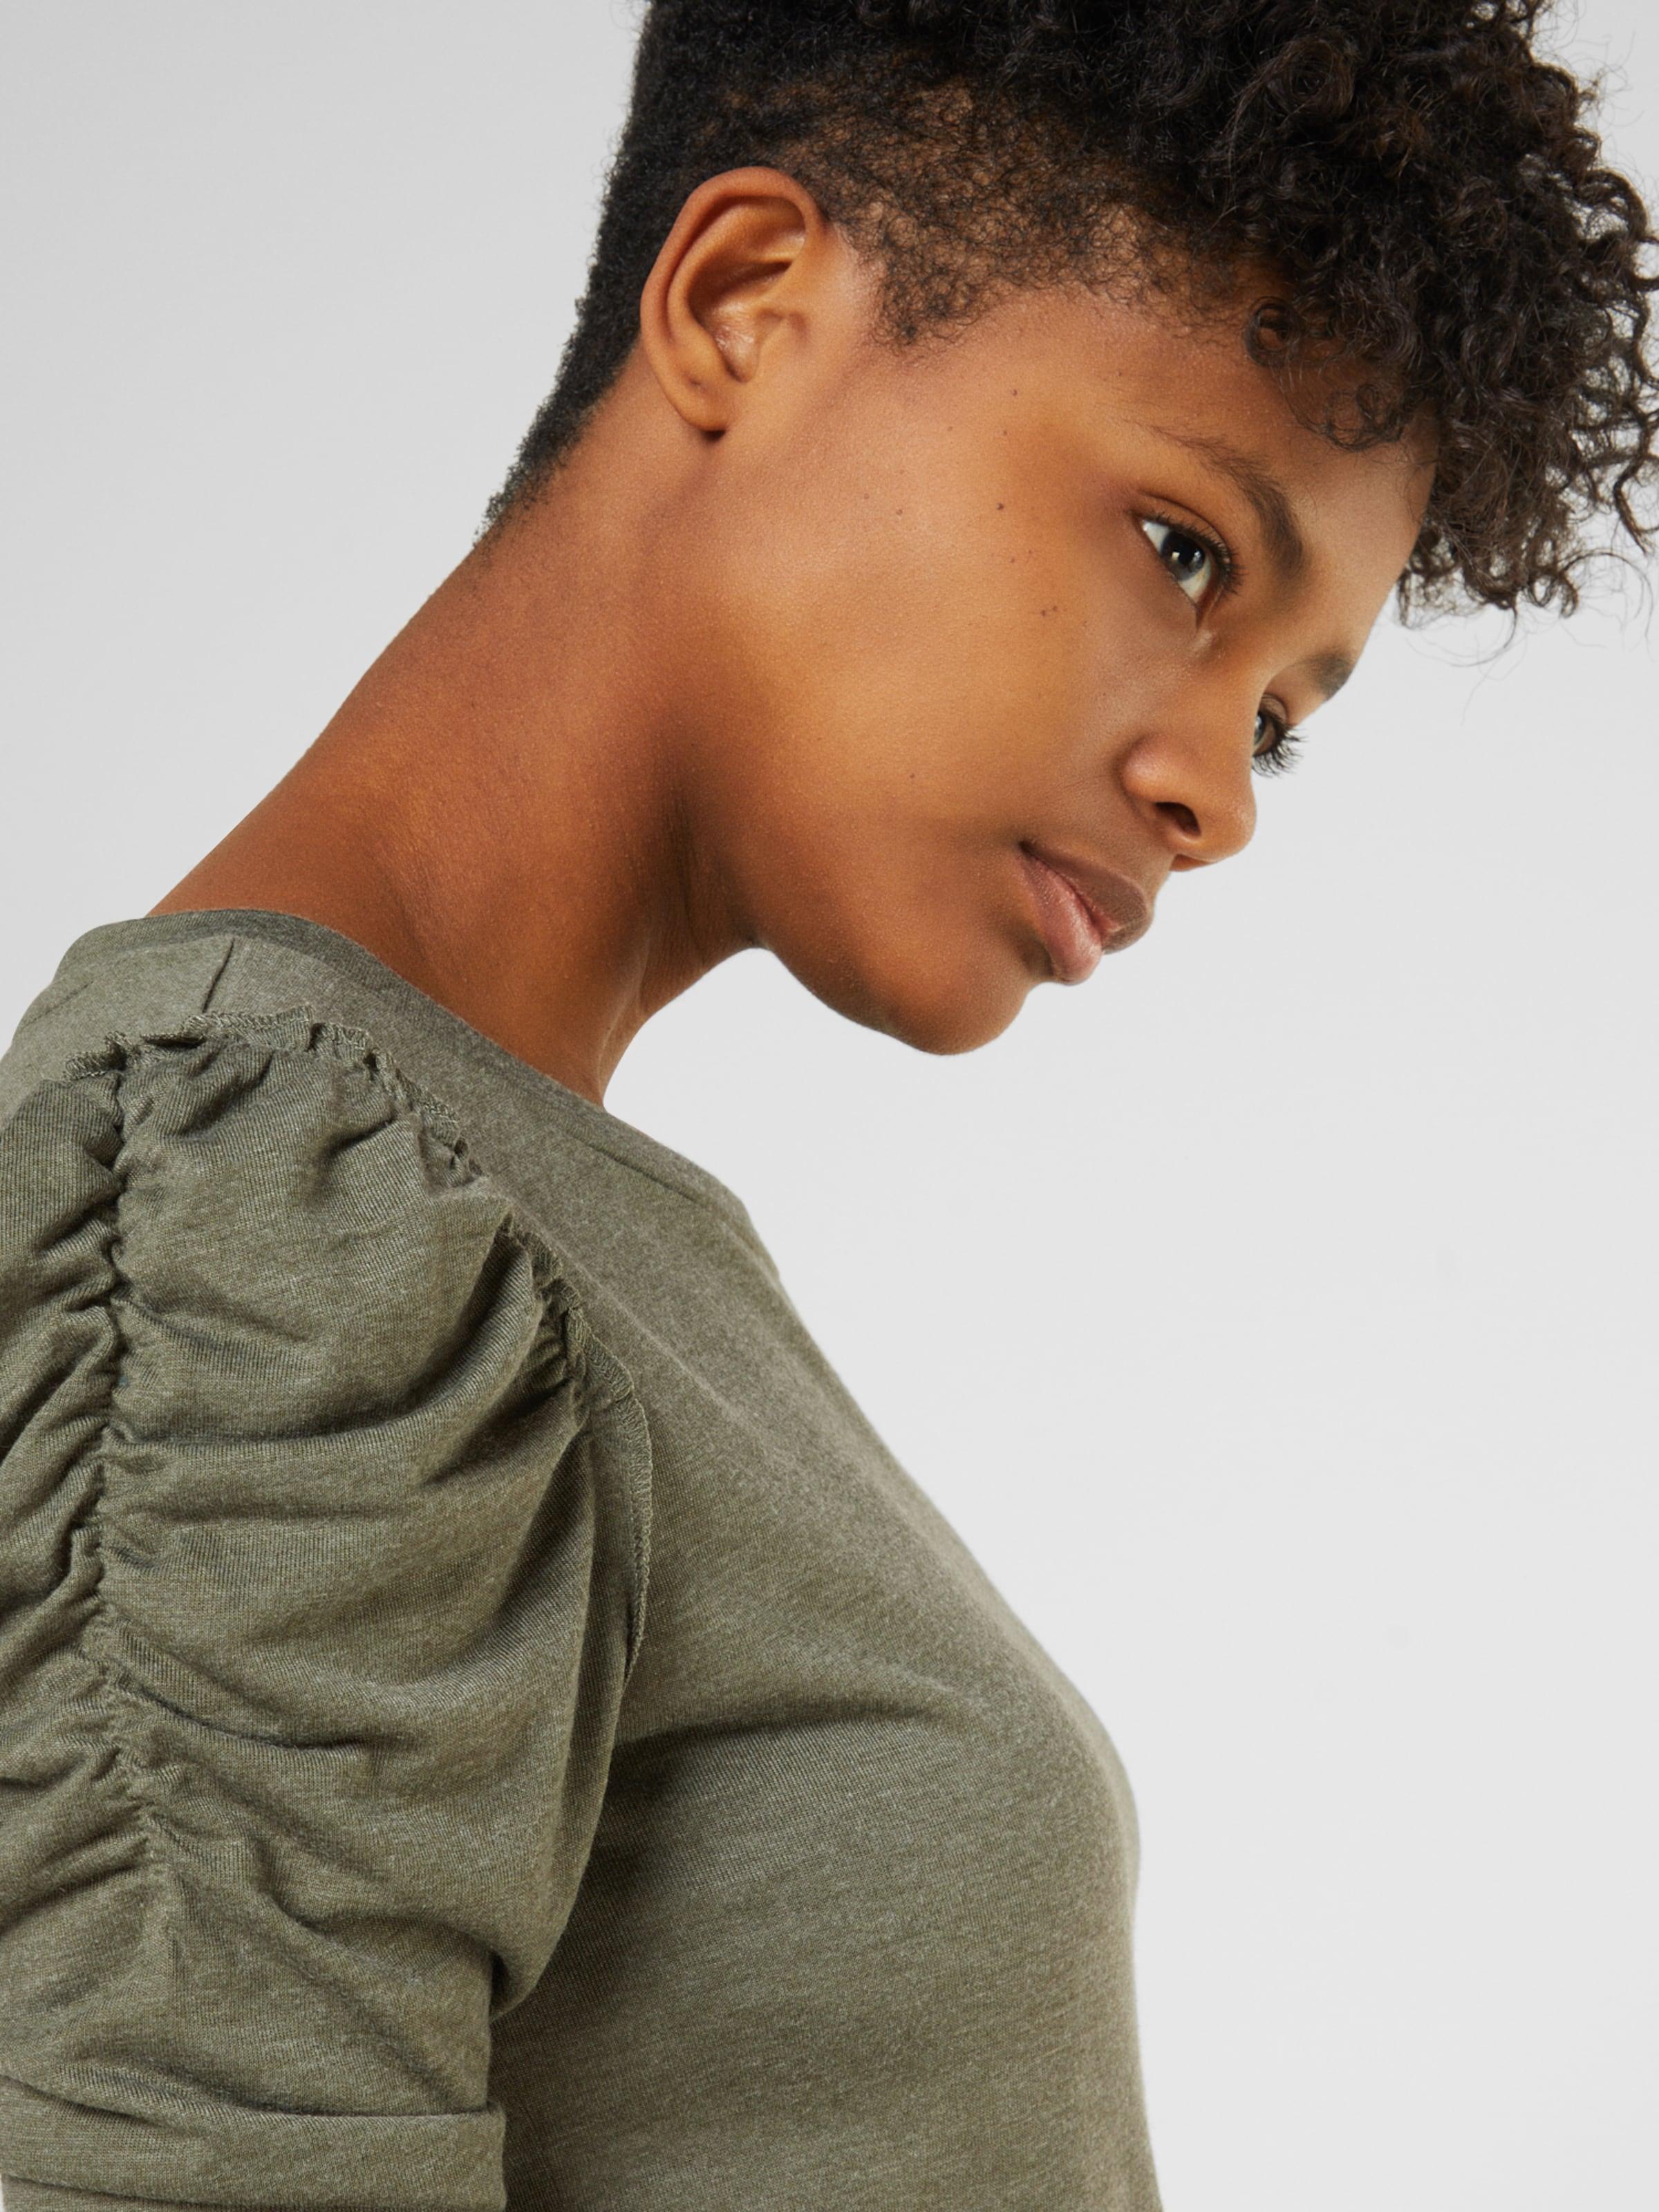 JACQUELINE JACQUELINE de de YONG 'FANNY' 'FANNY' JACQUELINE Shirt Shirt de Shirt YONG de JACQUELINE YONG Shirt 'FANNY' YONG rgzqw5Ar